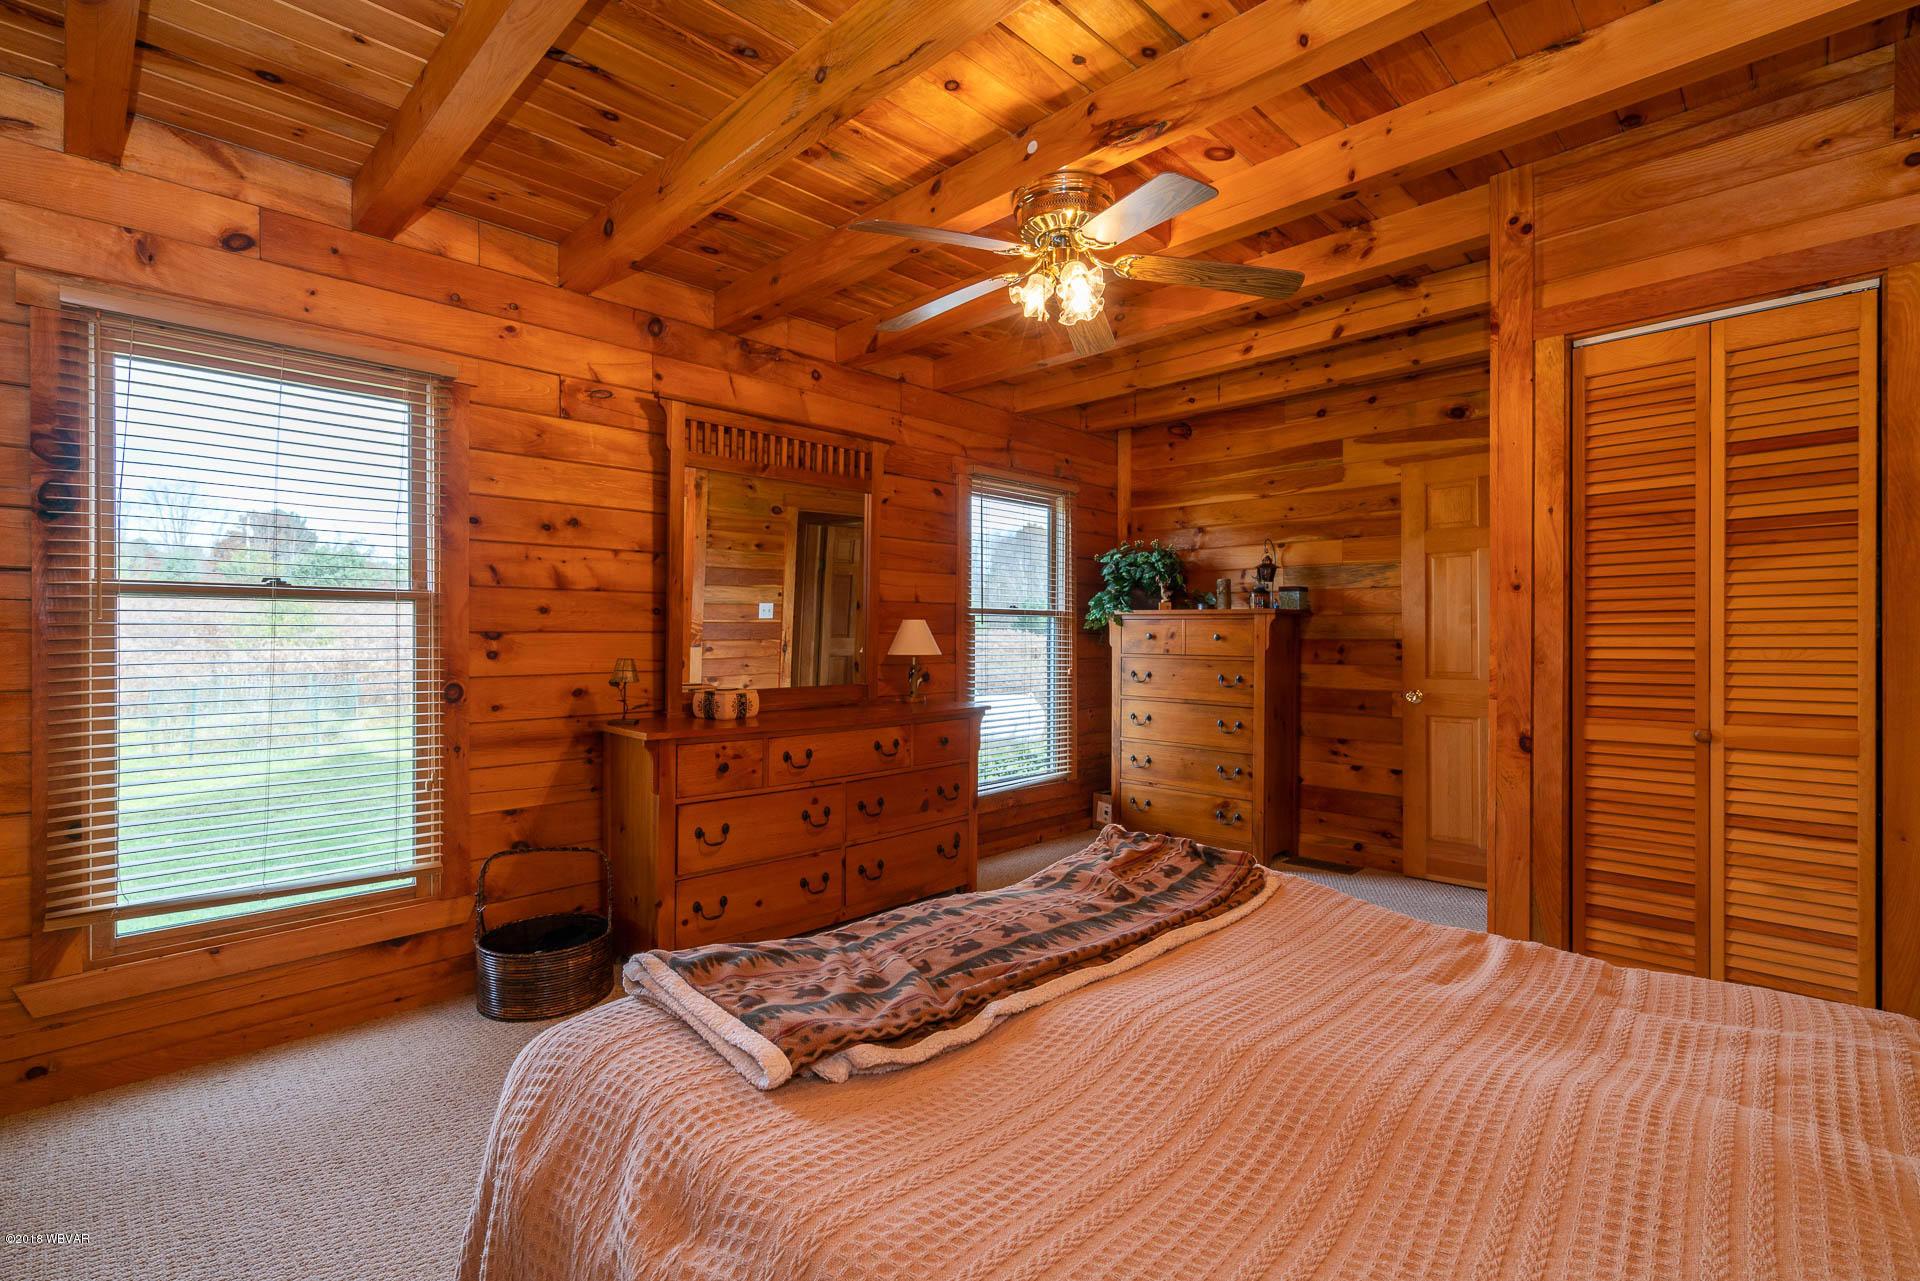 14 DELOVICH DRIVE,Shunk,PA 17768,2 Bedrooms Bedrooms,2 BathroomsBathrooms,Residential,DELOVICH,WB-85975